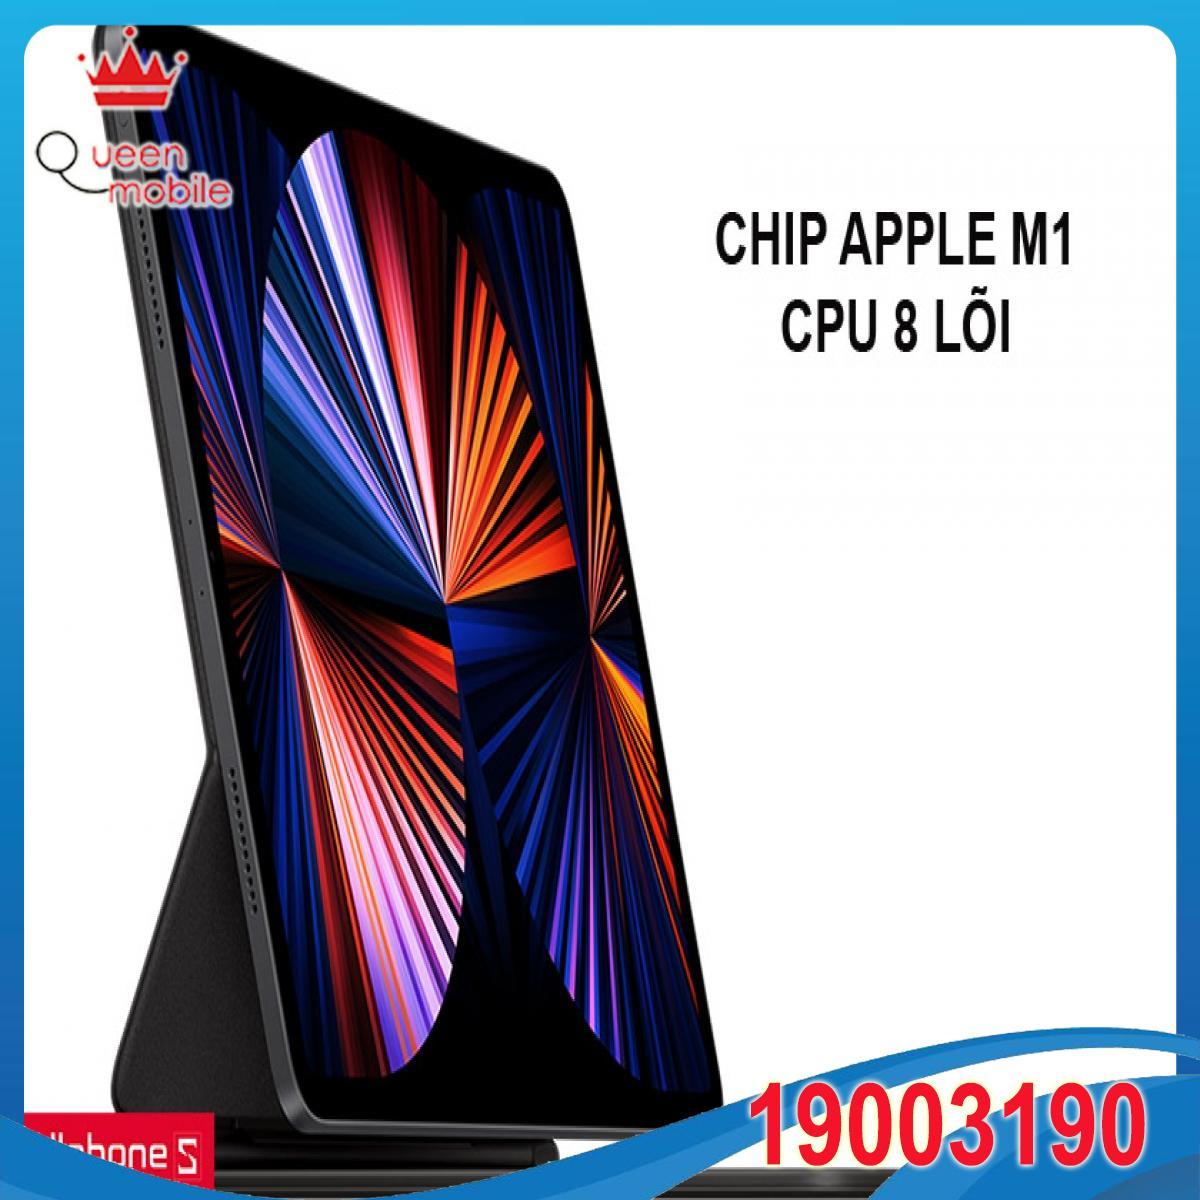 iPad Pro 11 inch (2021) 128GB Màu gray - Chip M1 - Hàng ...